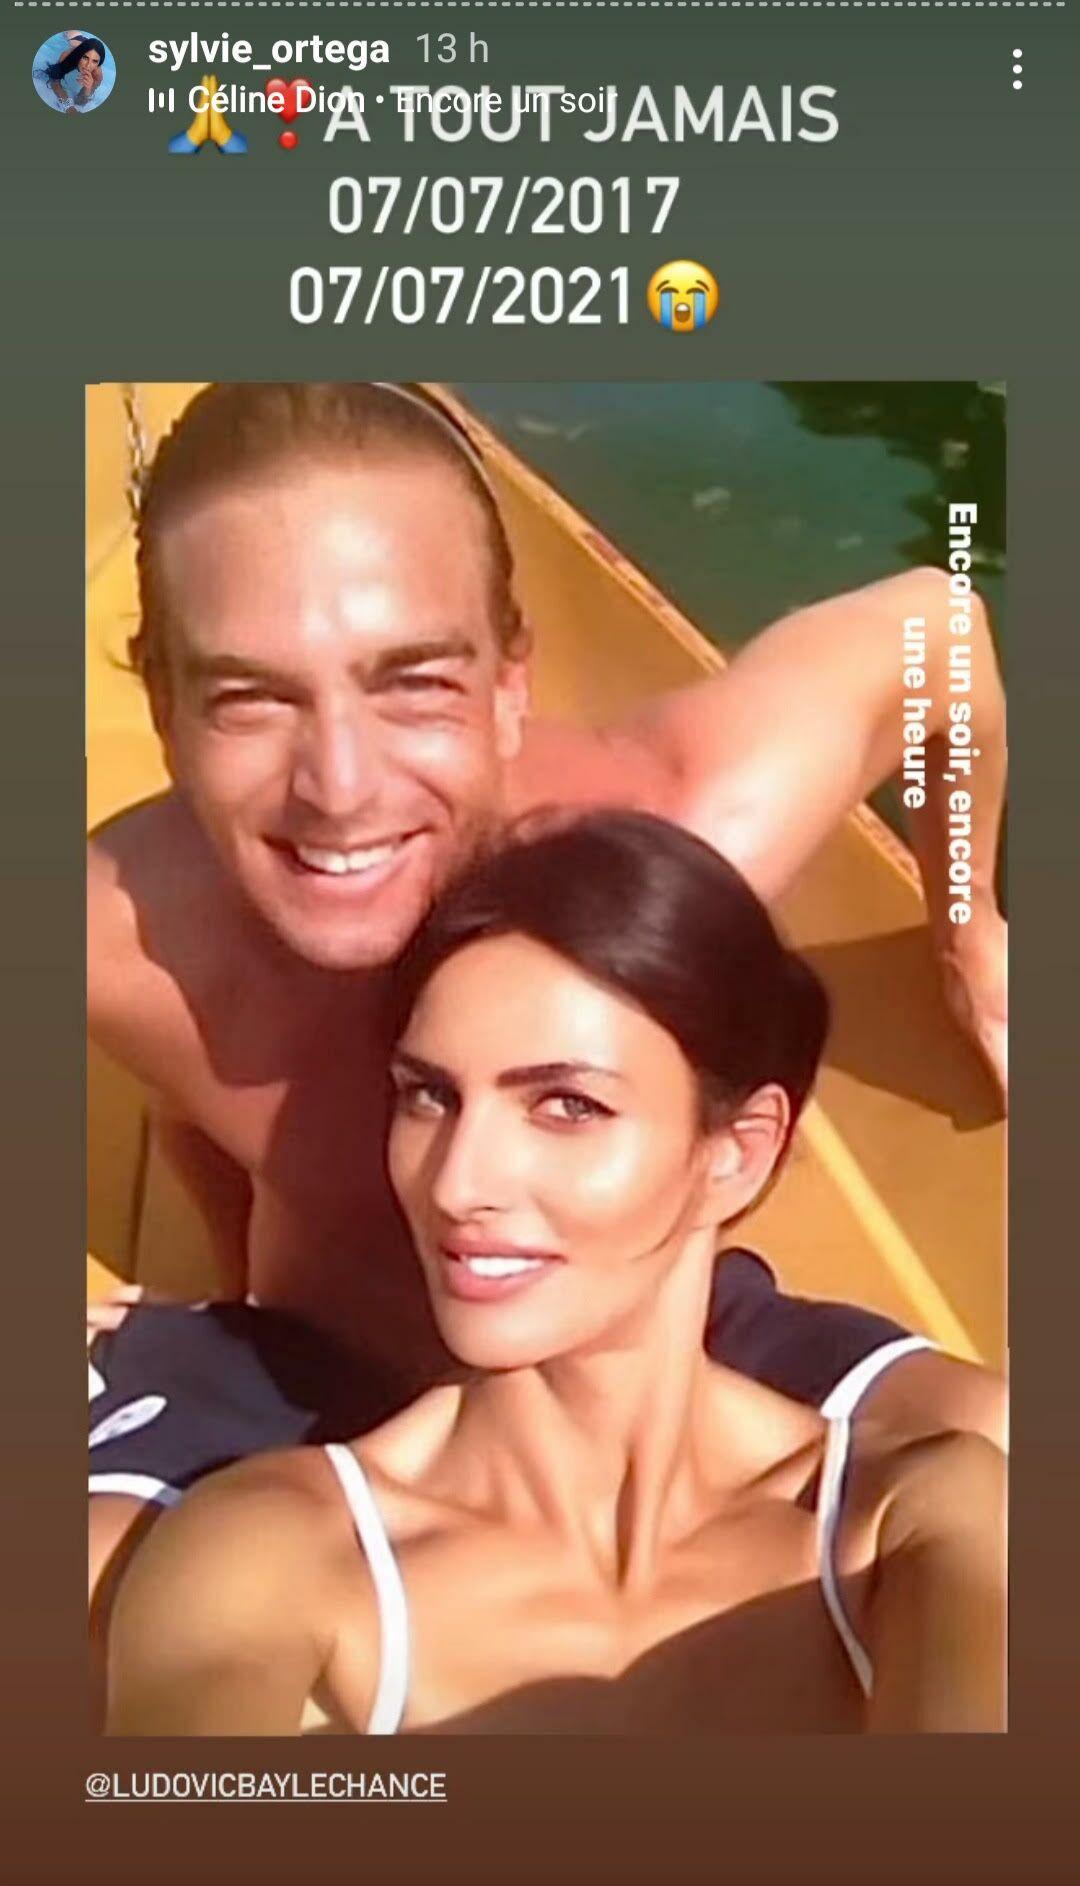 Ludovic Chancel et Sylvie Ortega, dans la story Instagram de cette dernière, partagée ce mercredi 7 juillet.